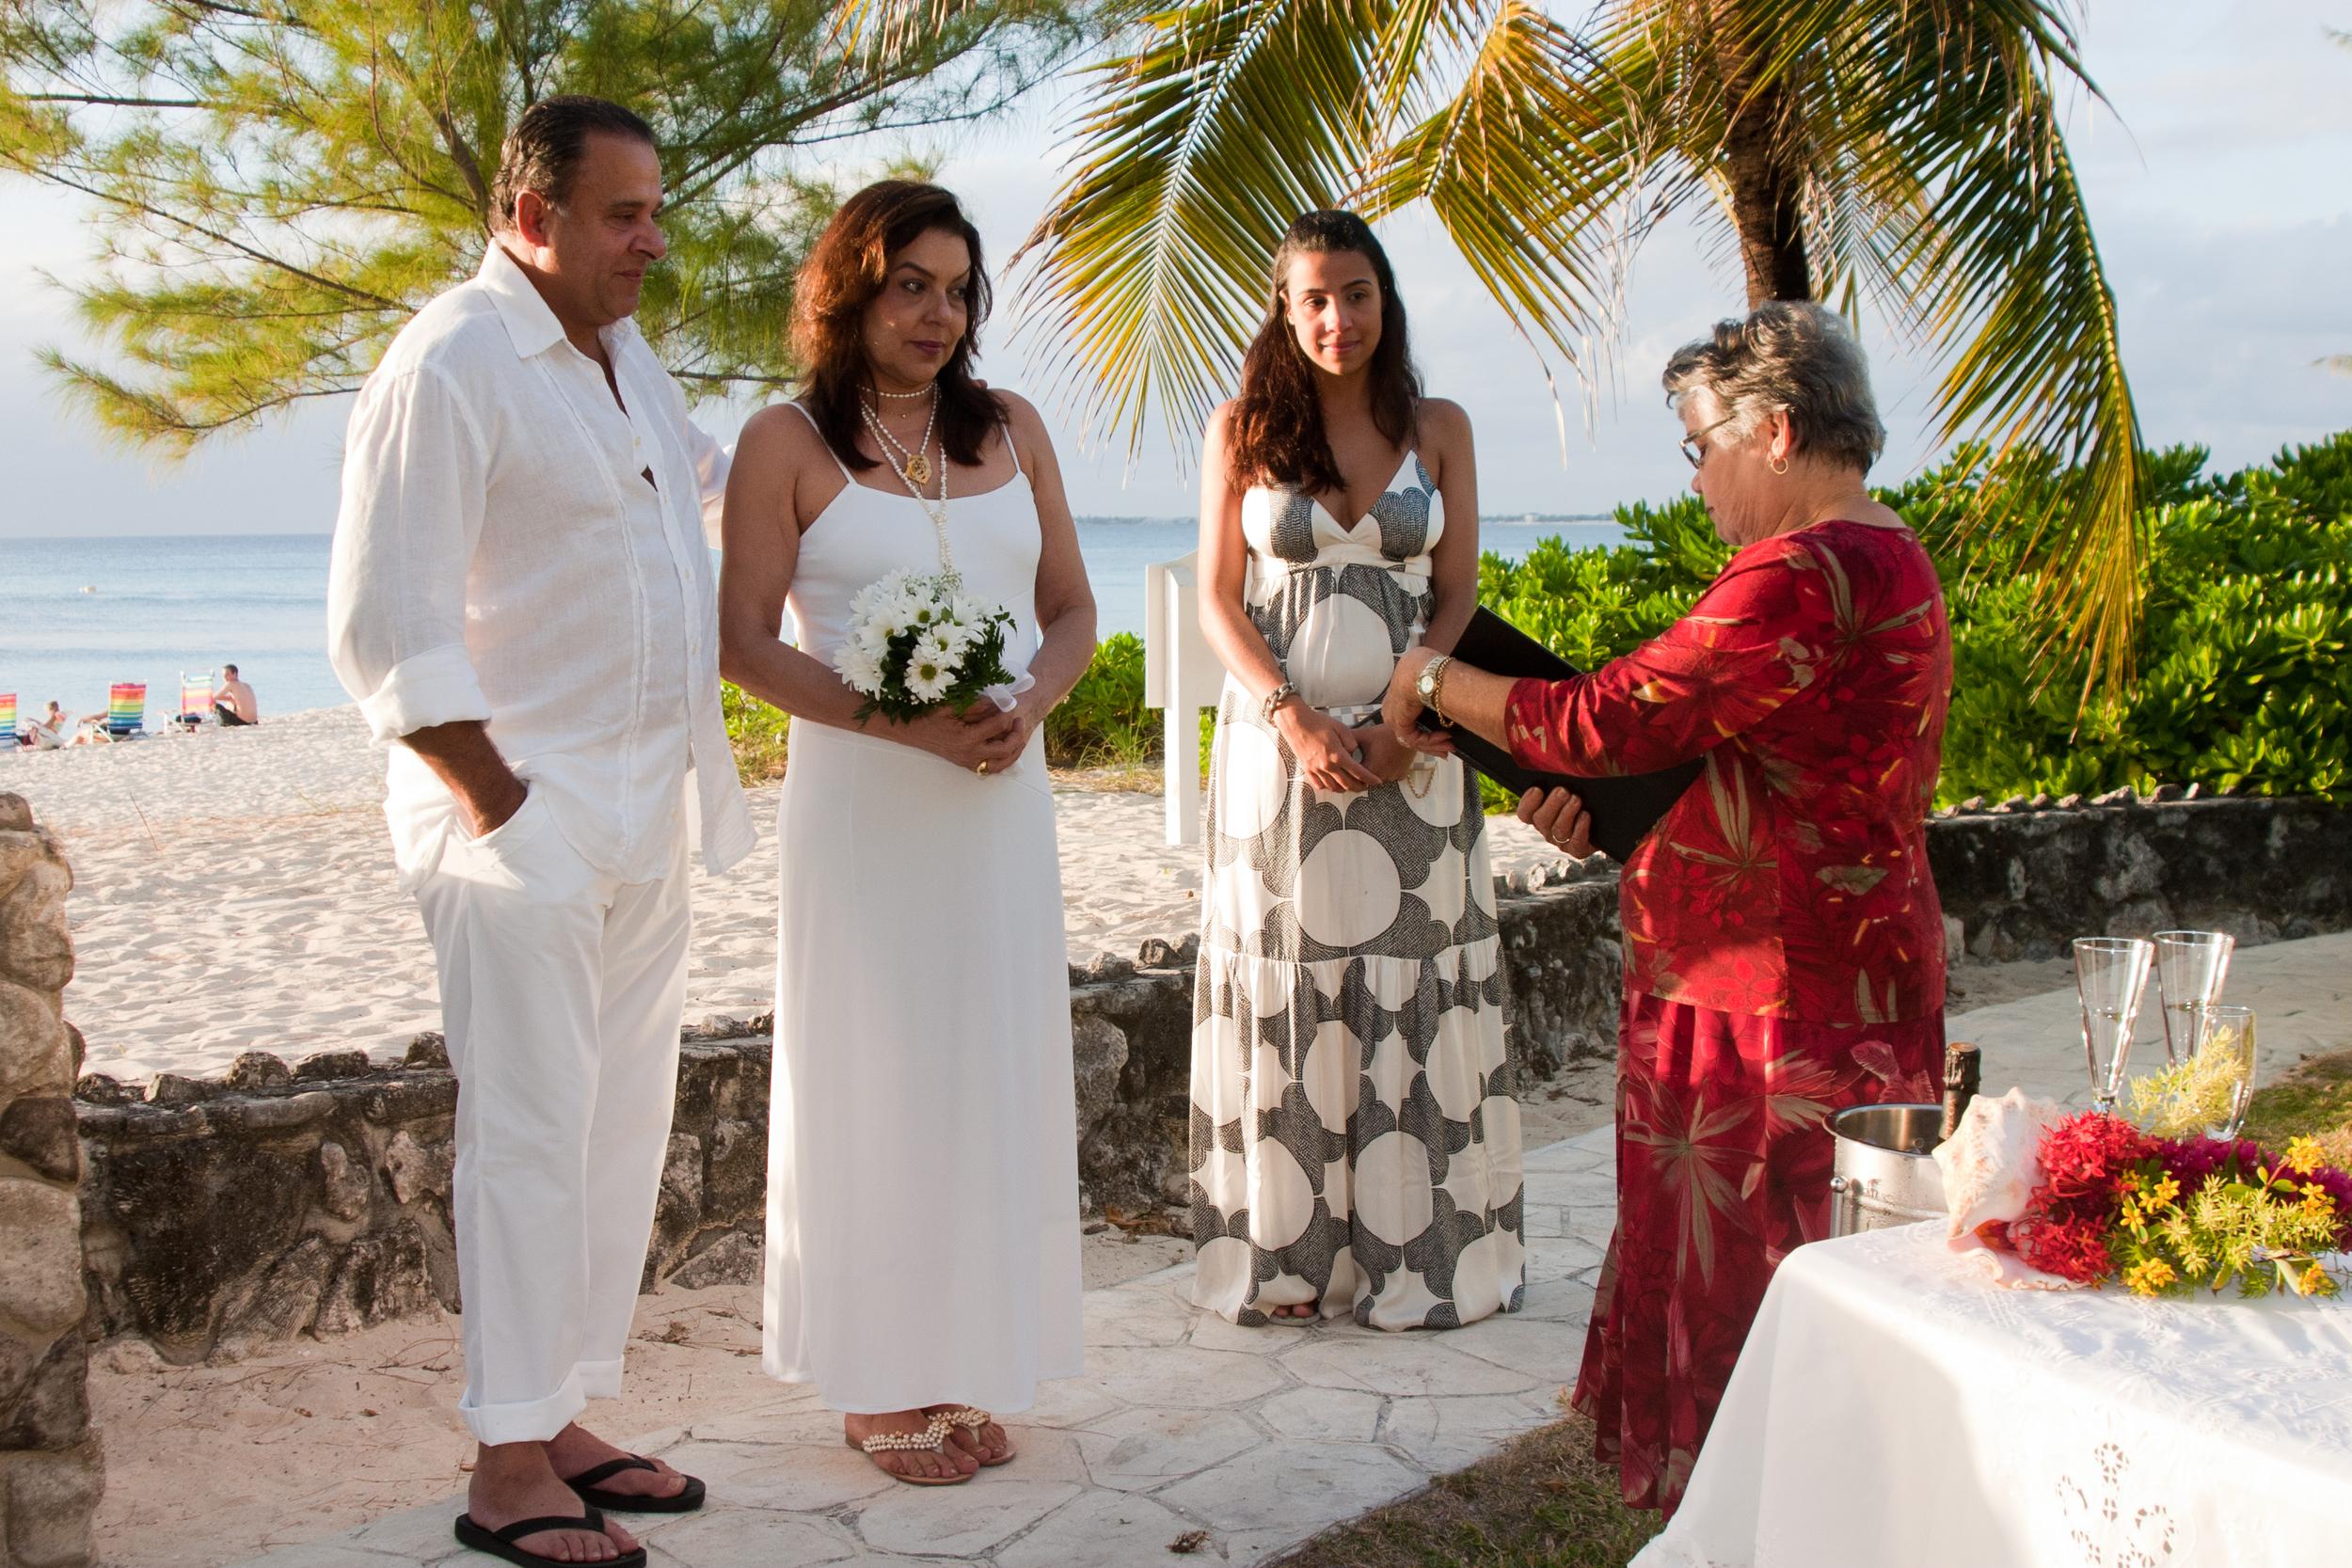 Island Photo wedding 2010-30-12-2073